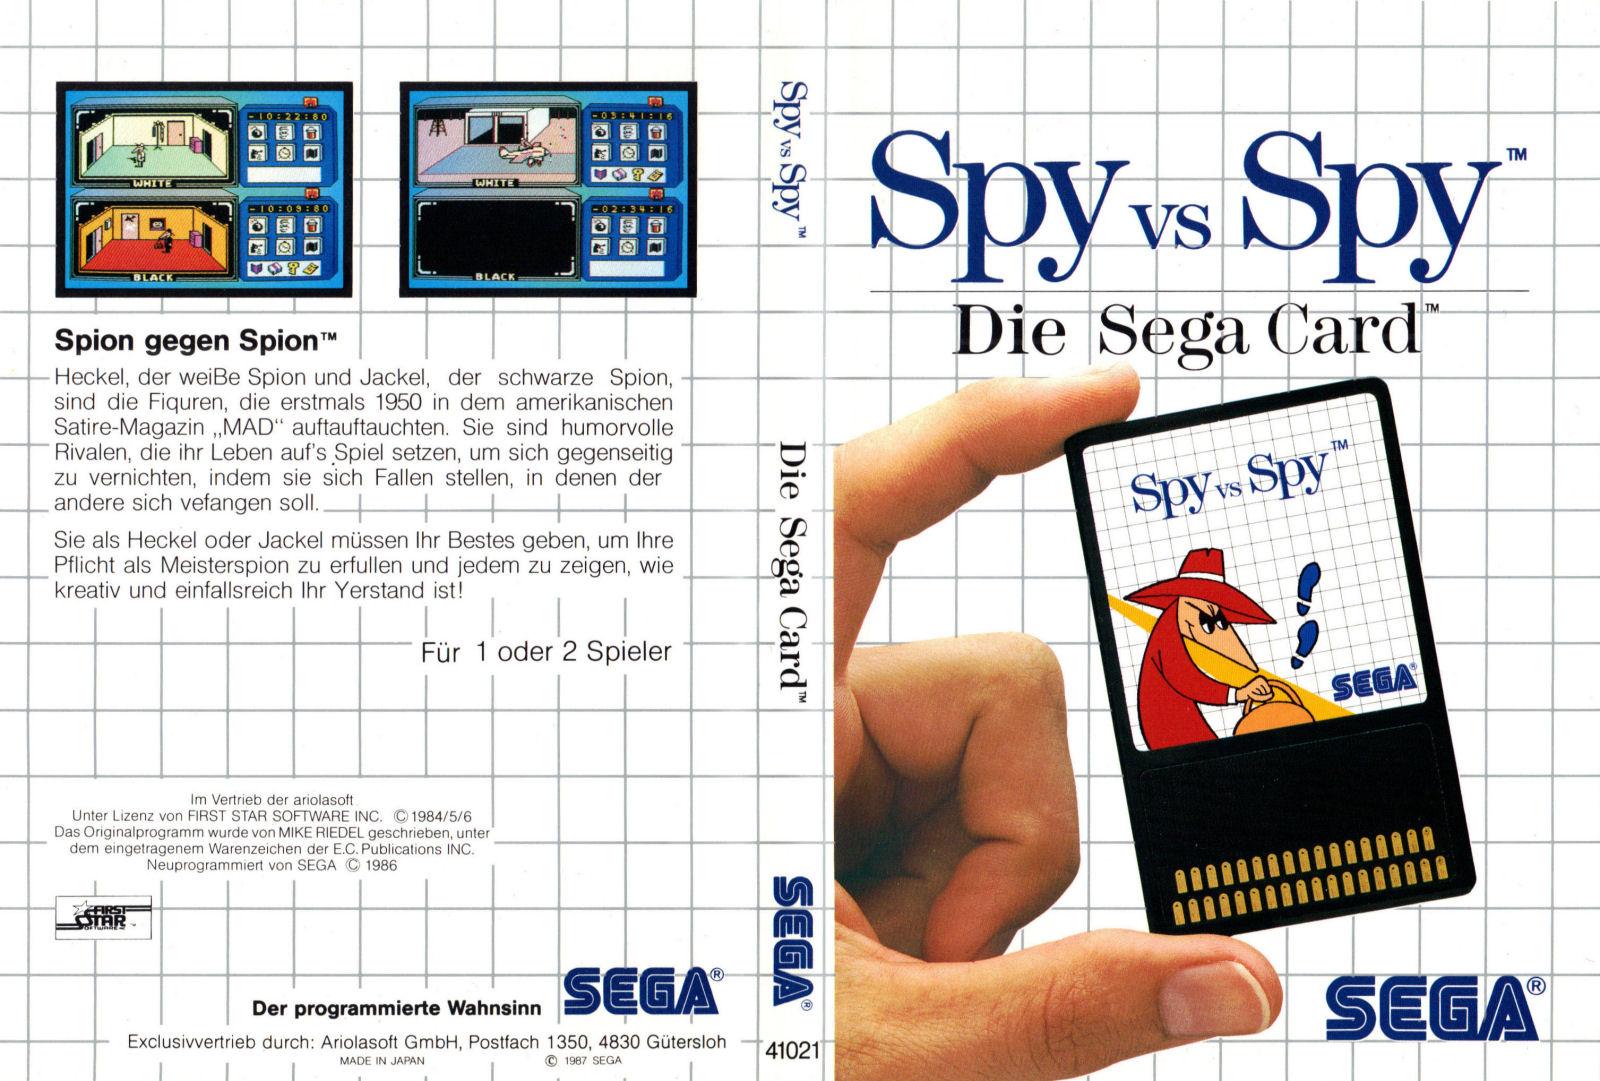 [Master System] Les Sega Card Pal SpyVsSpy-SMS-DE-Card